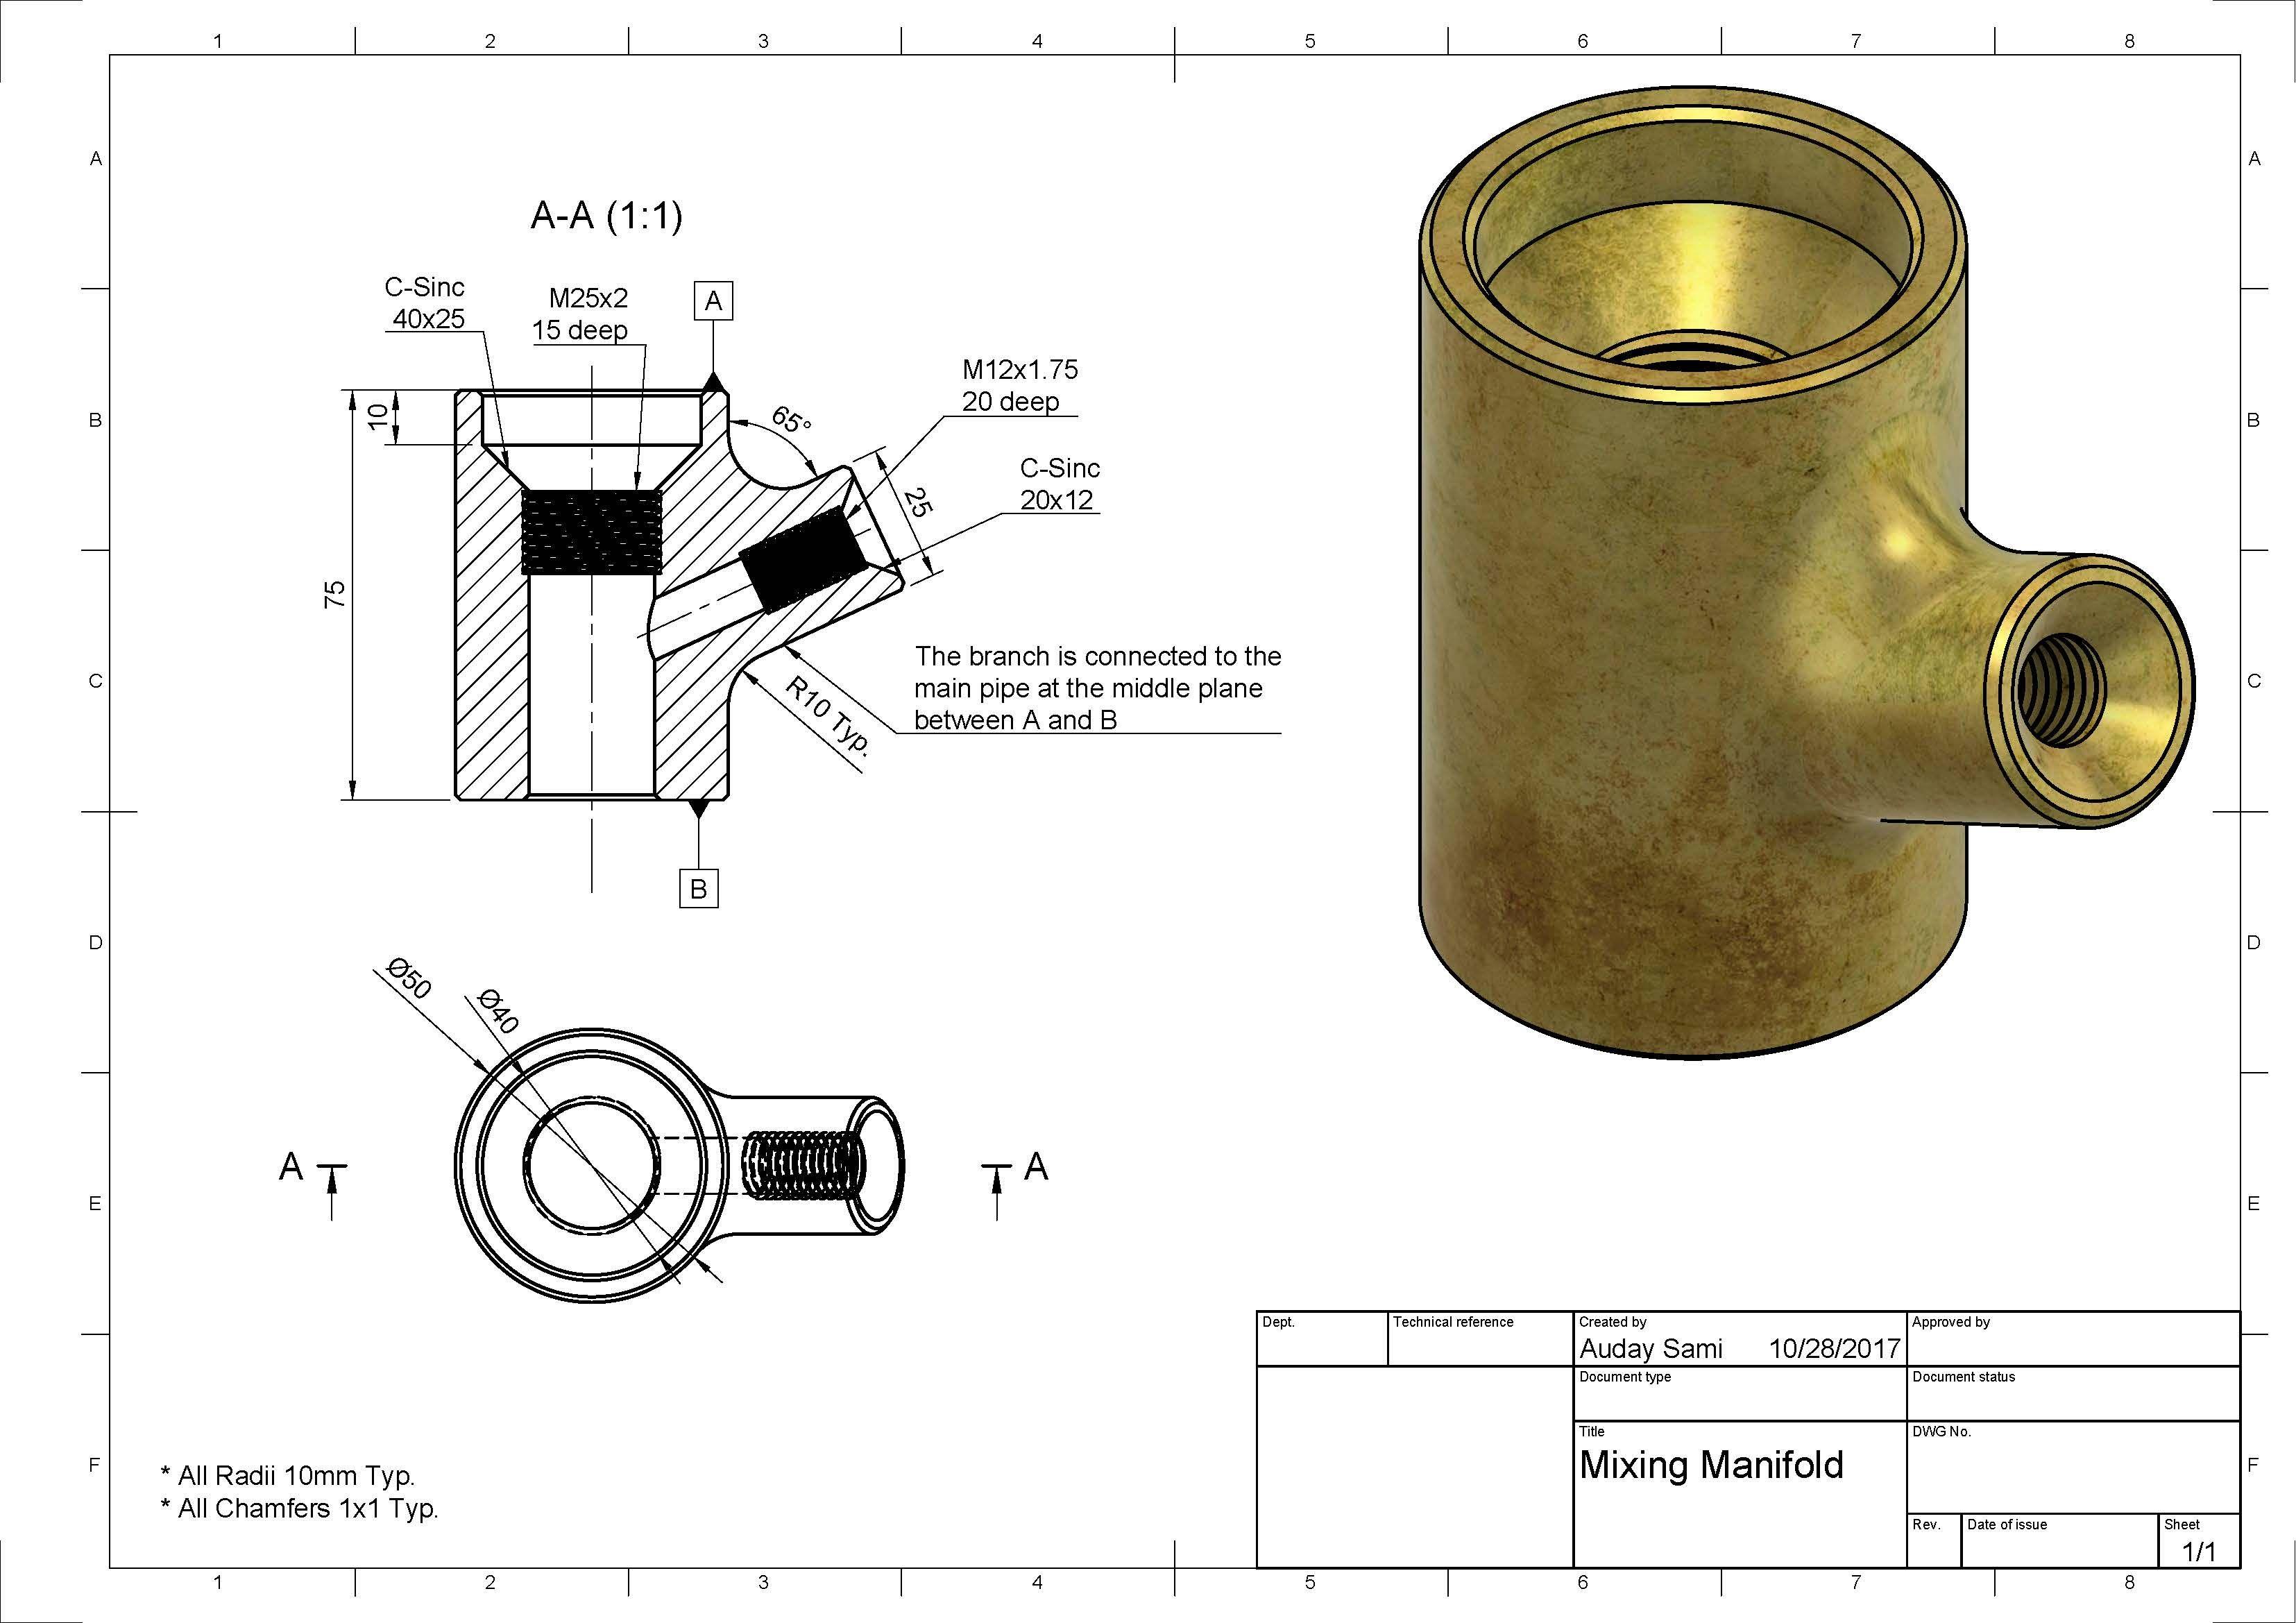 Mixing-manifold-drawing-v1-3500-3500